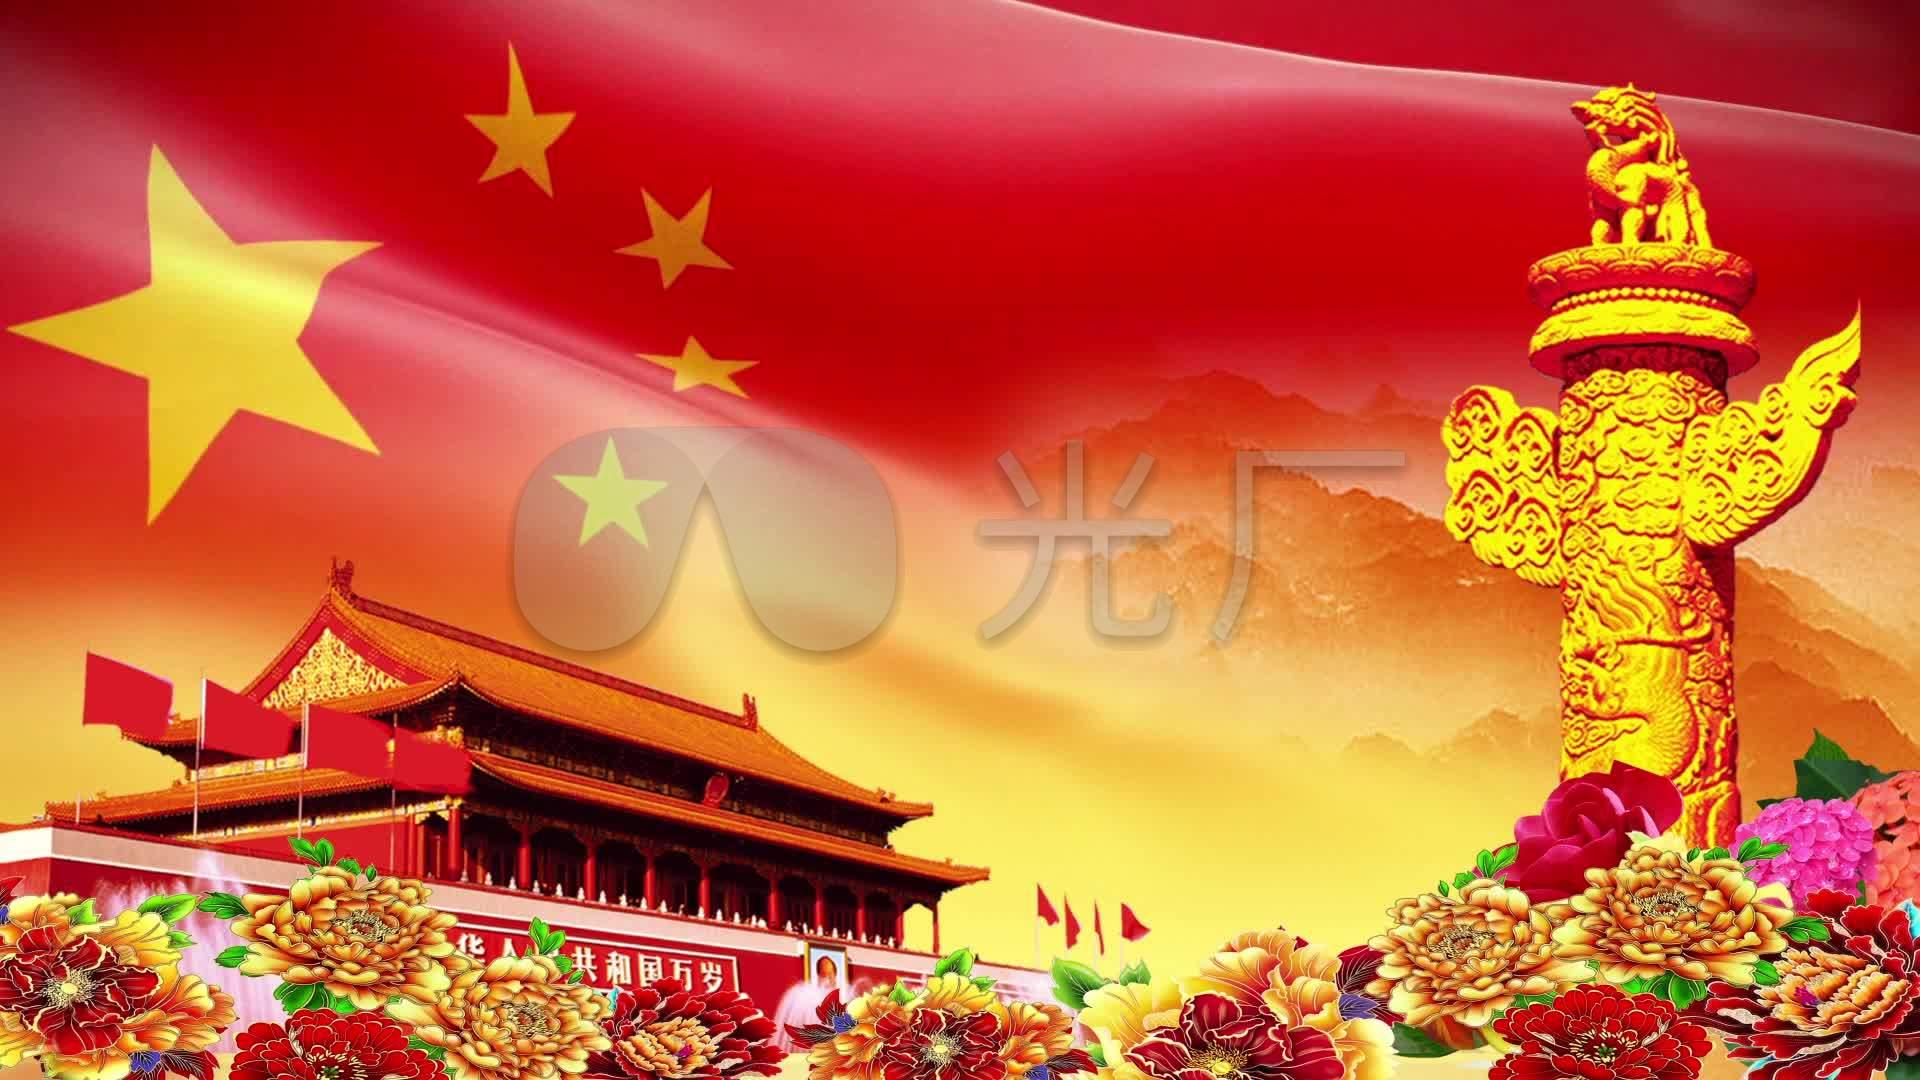 我的祖国���%�+^�X�K�_国庆天安门我和我的祖国五星红旗建军建党_1920x1080